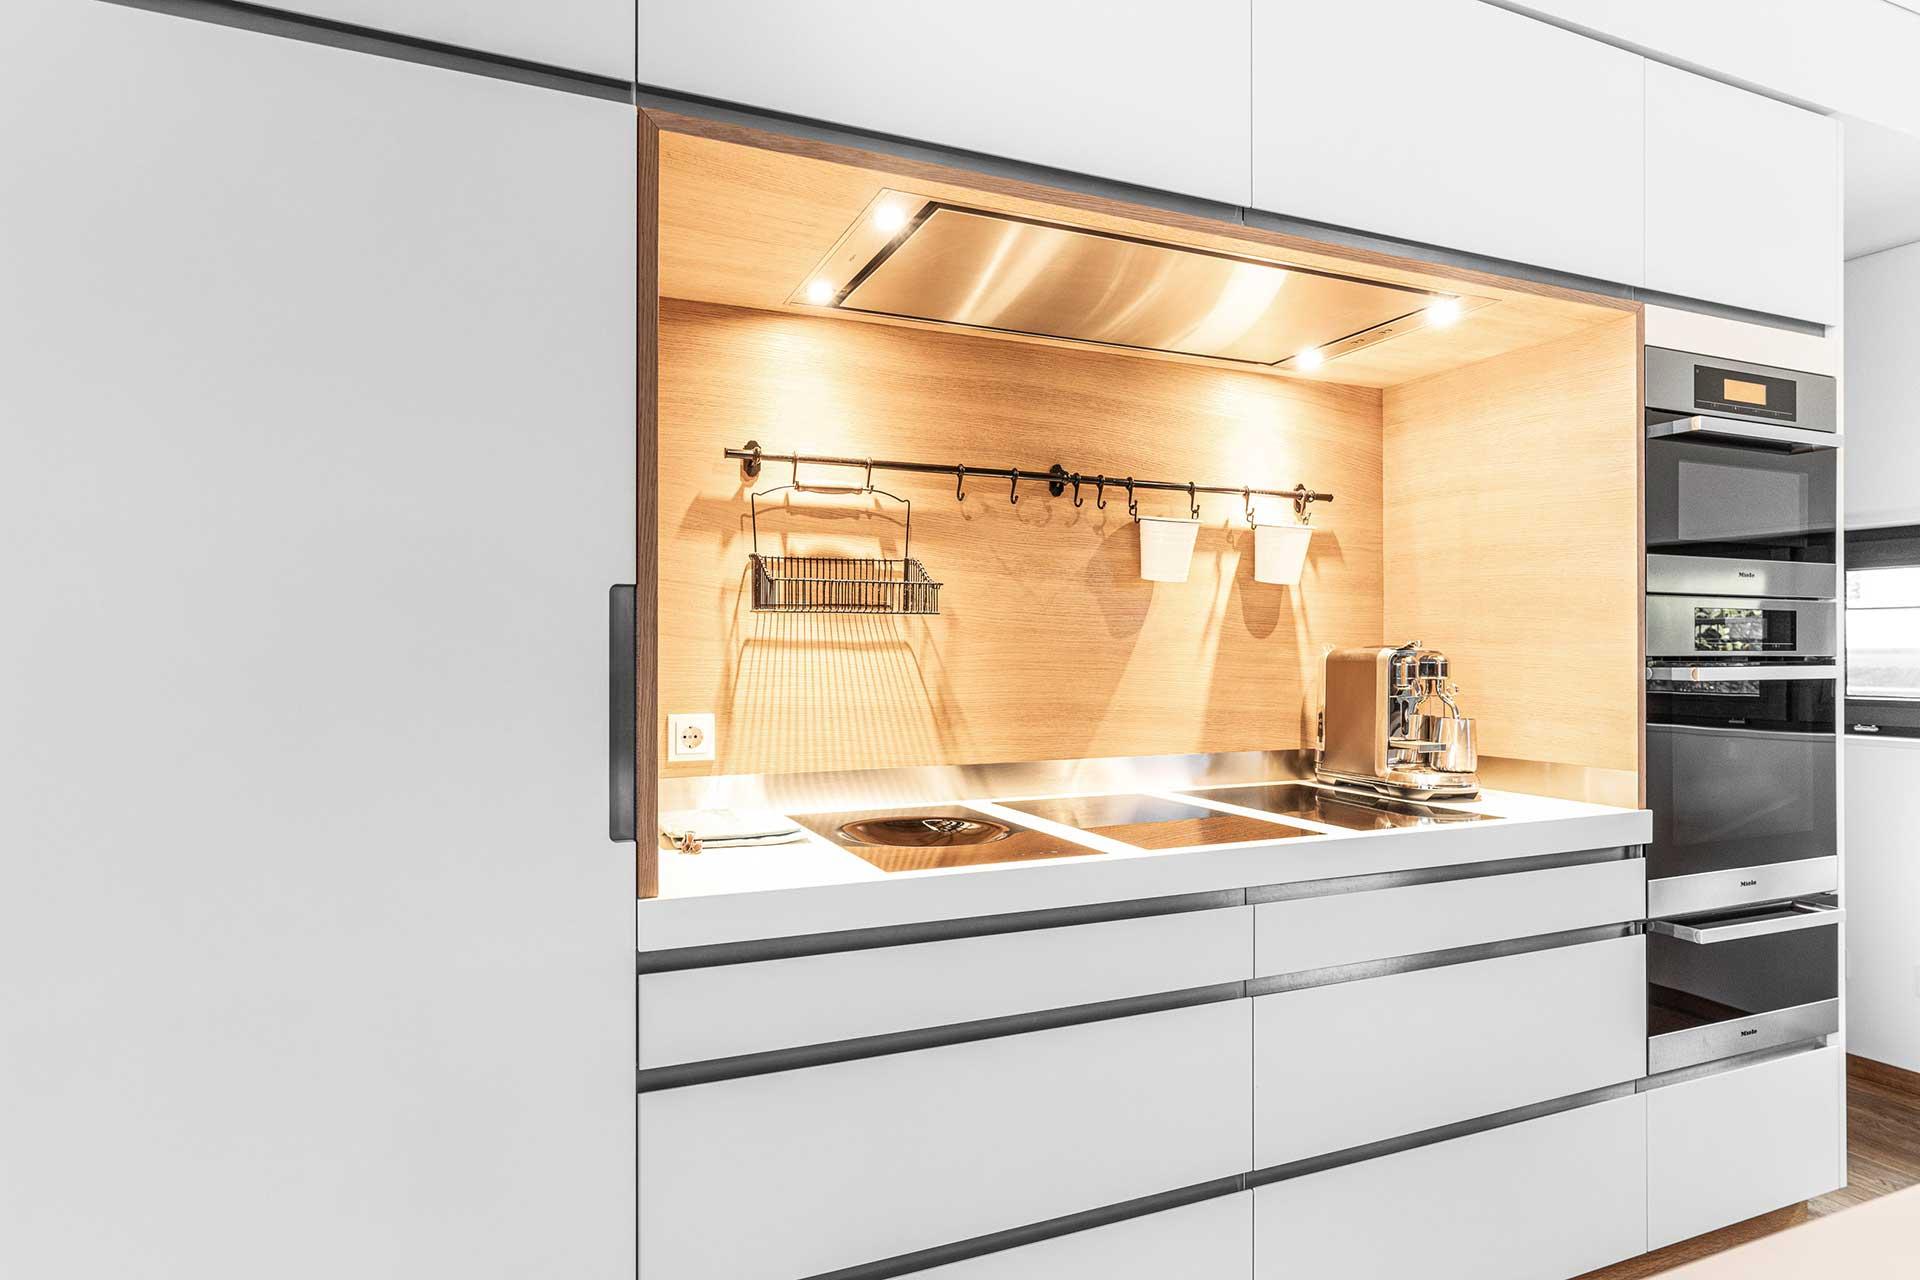 Referenz Küche von Alexander's Tischlerwerkstatt